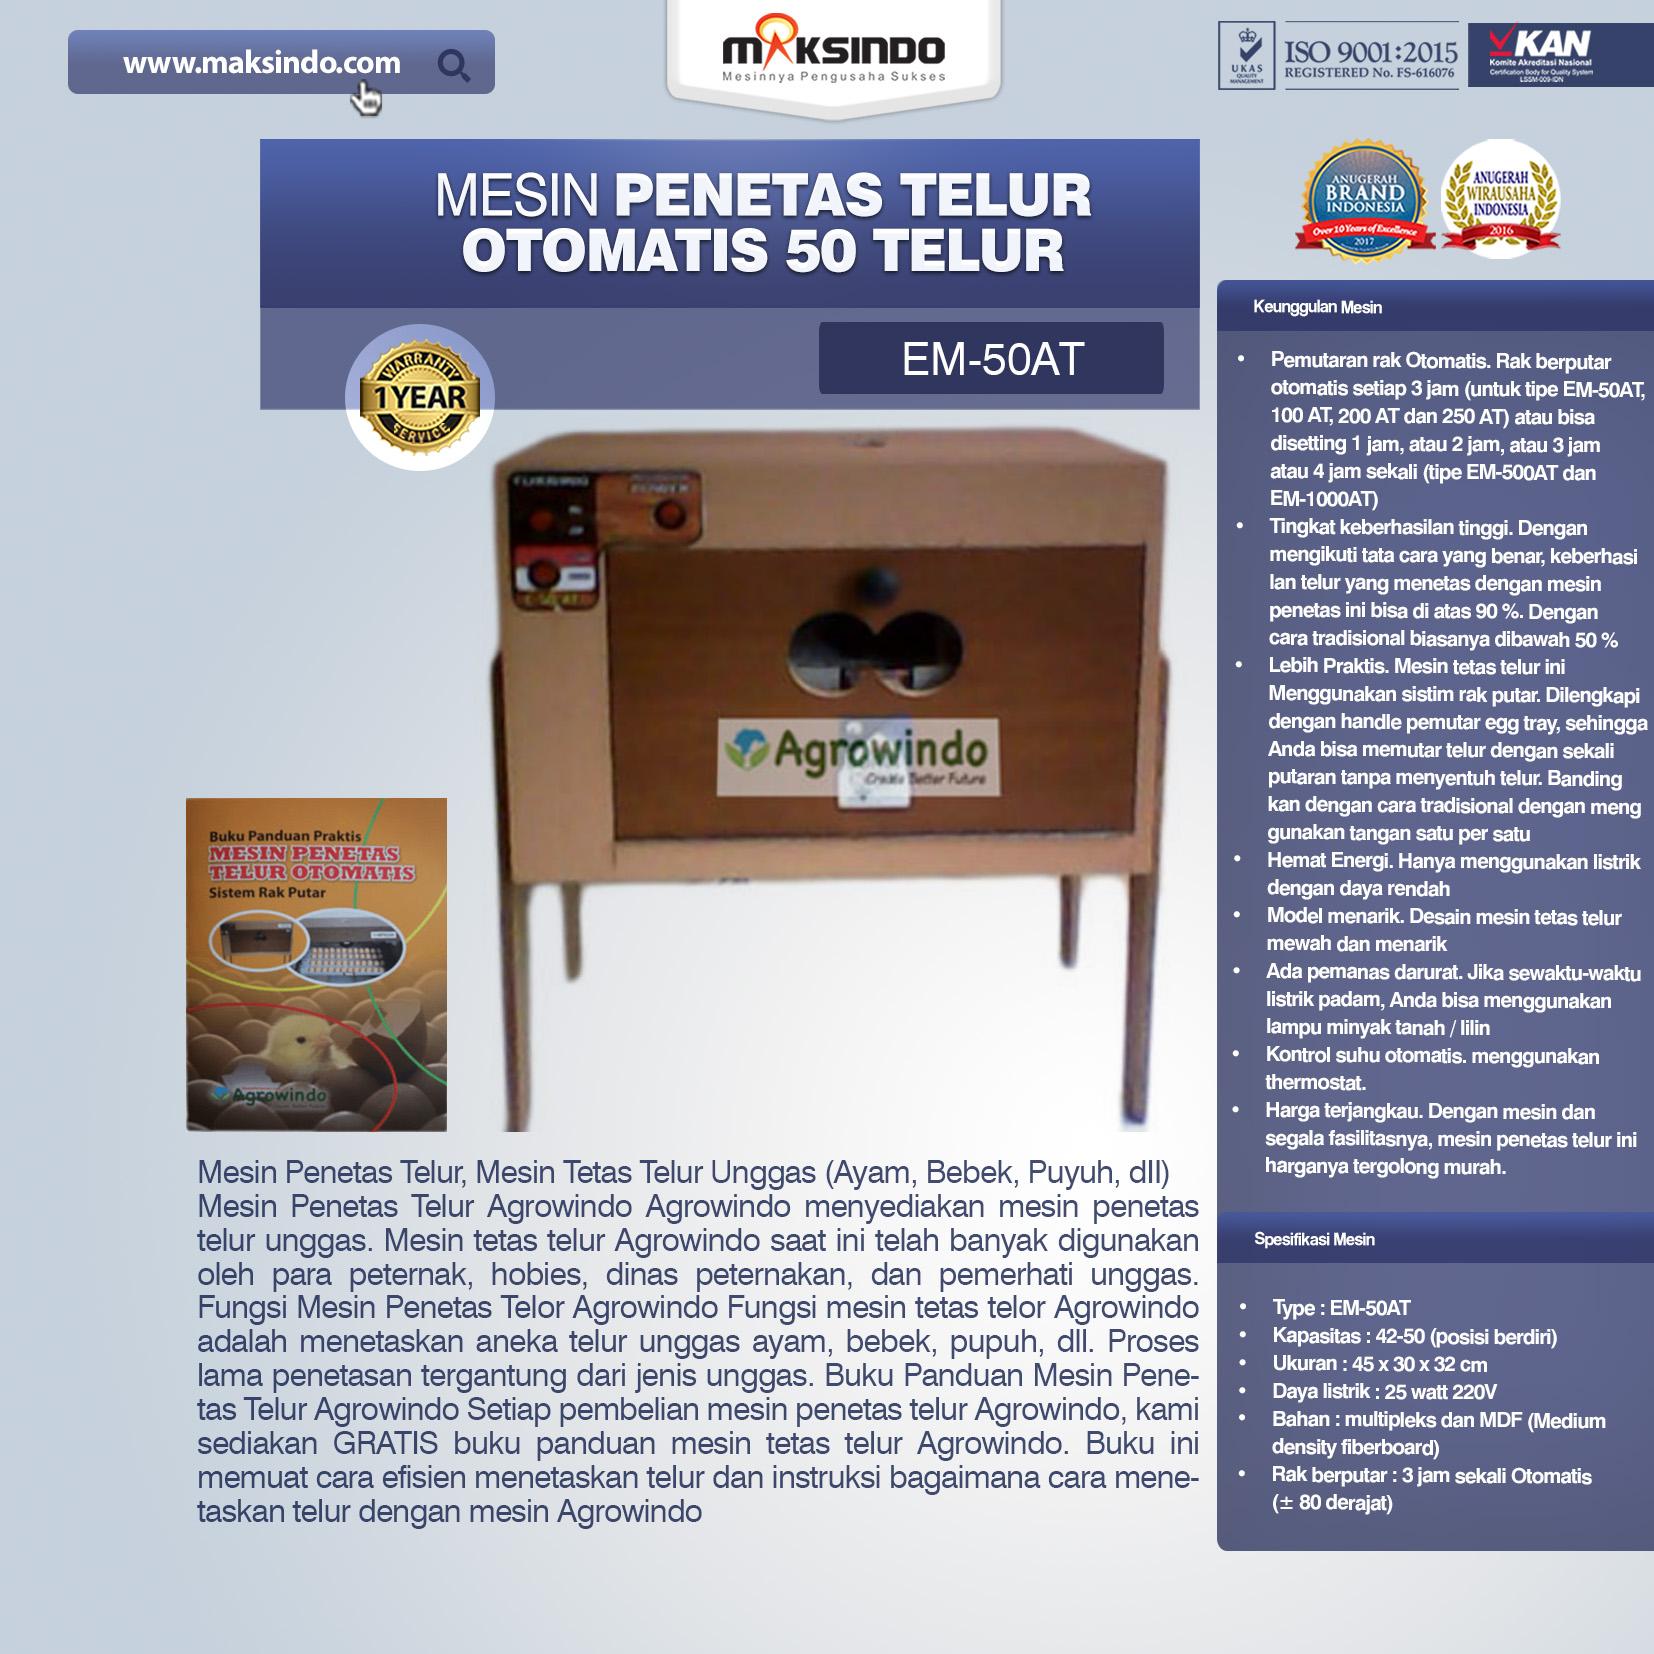 Jual Mesin Penetas Telur Otomatis 50 Telur (EM-50AT) di Blitar